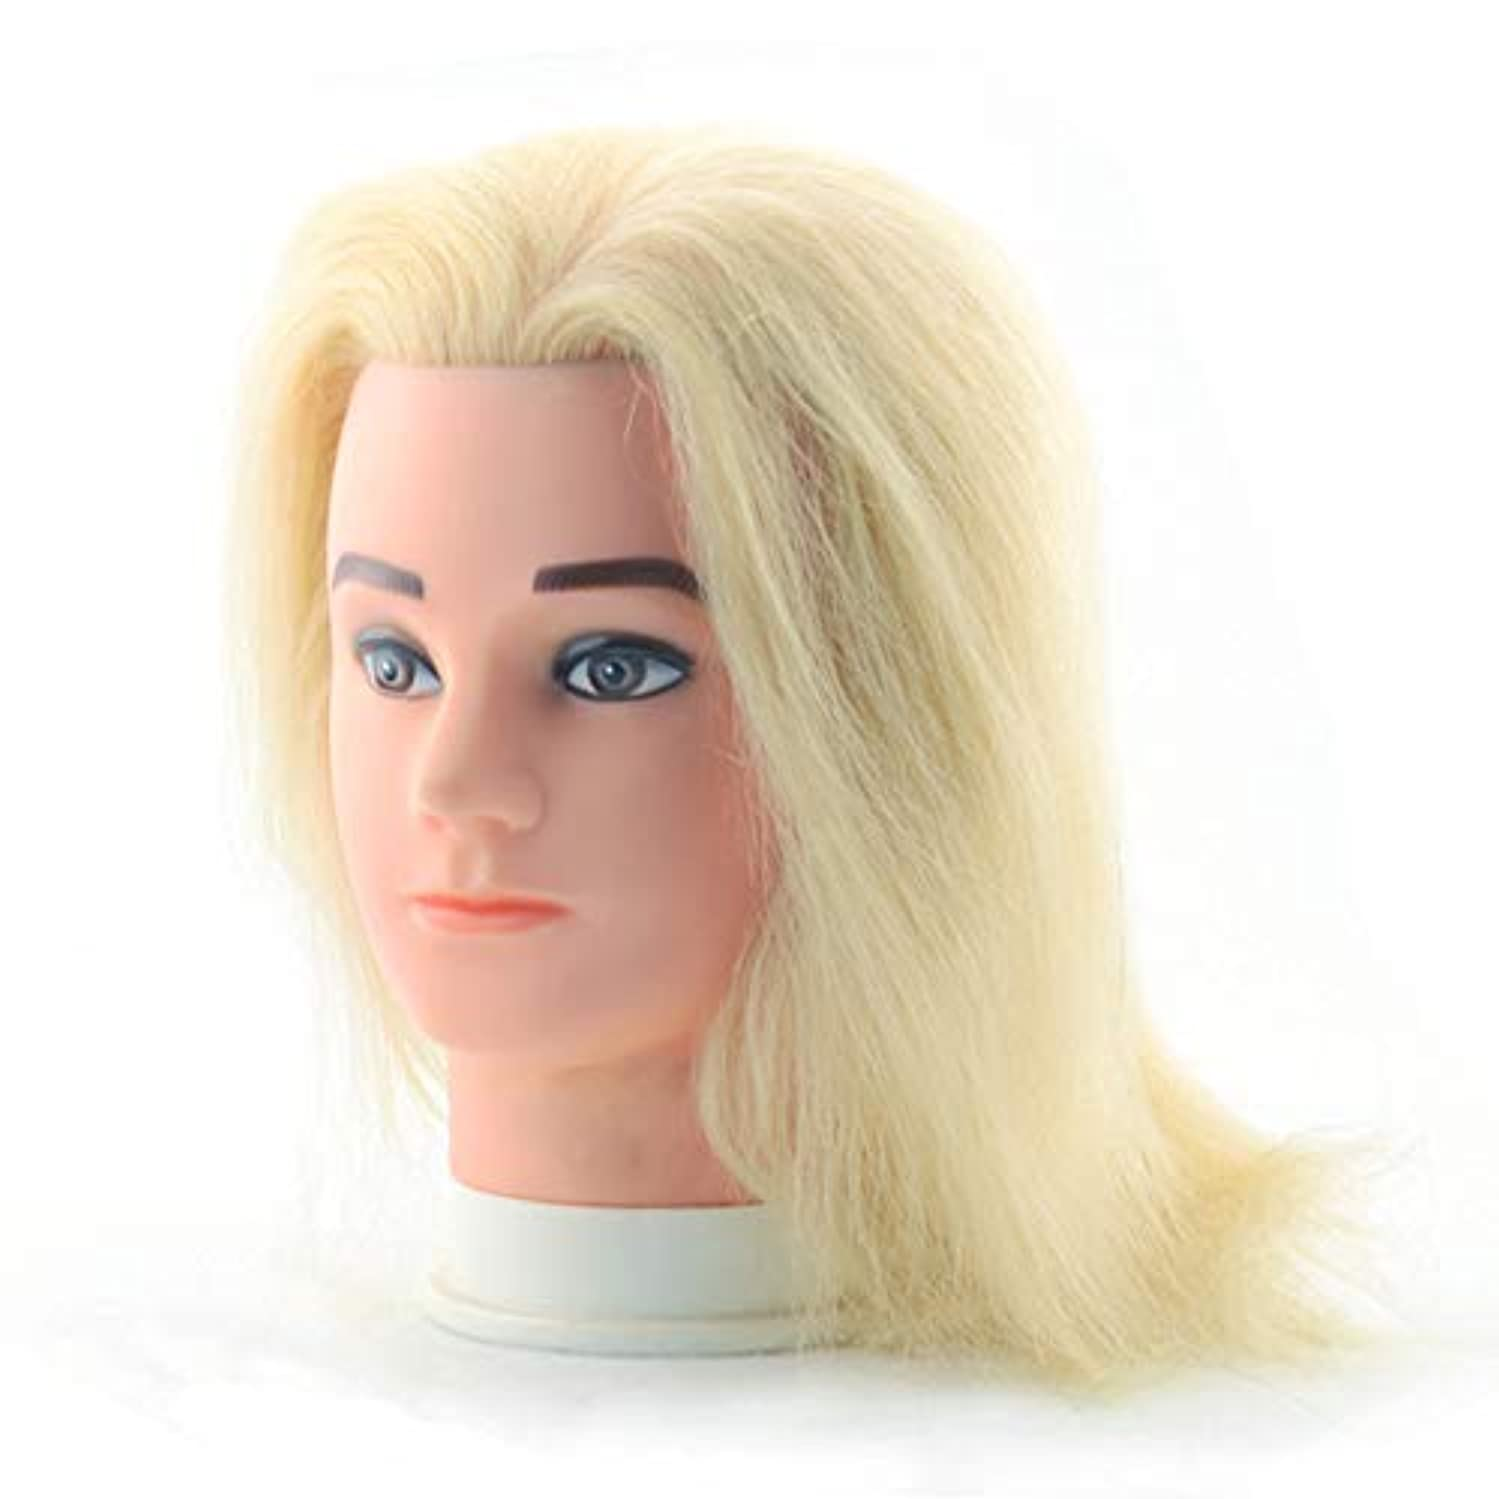 平手打ちキャリッジ観光に行く理髪店の男性の化粧本物の人の毛のダミーの頭の編集ヘアプラクティスモデルの頭を染色することができます頭金